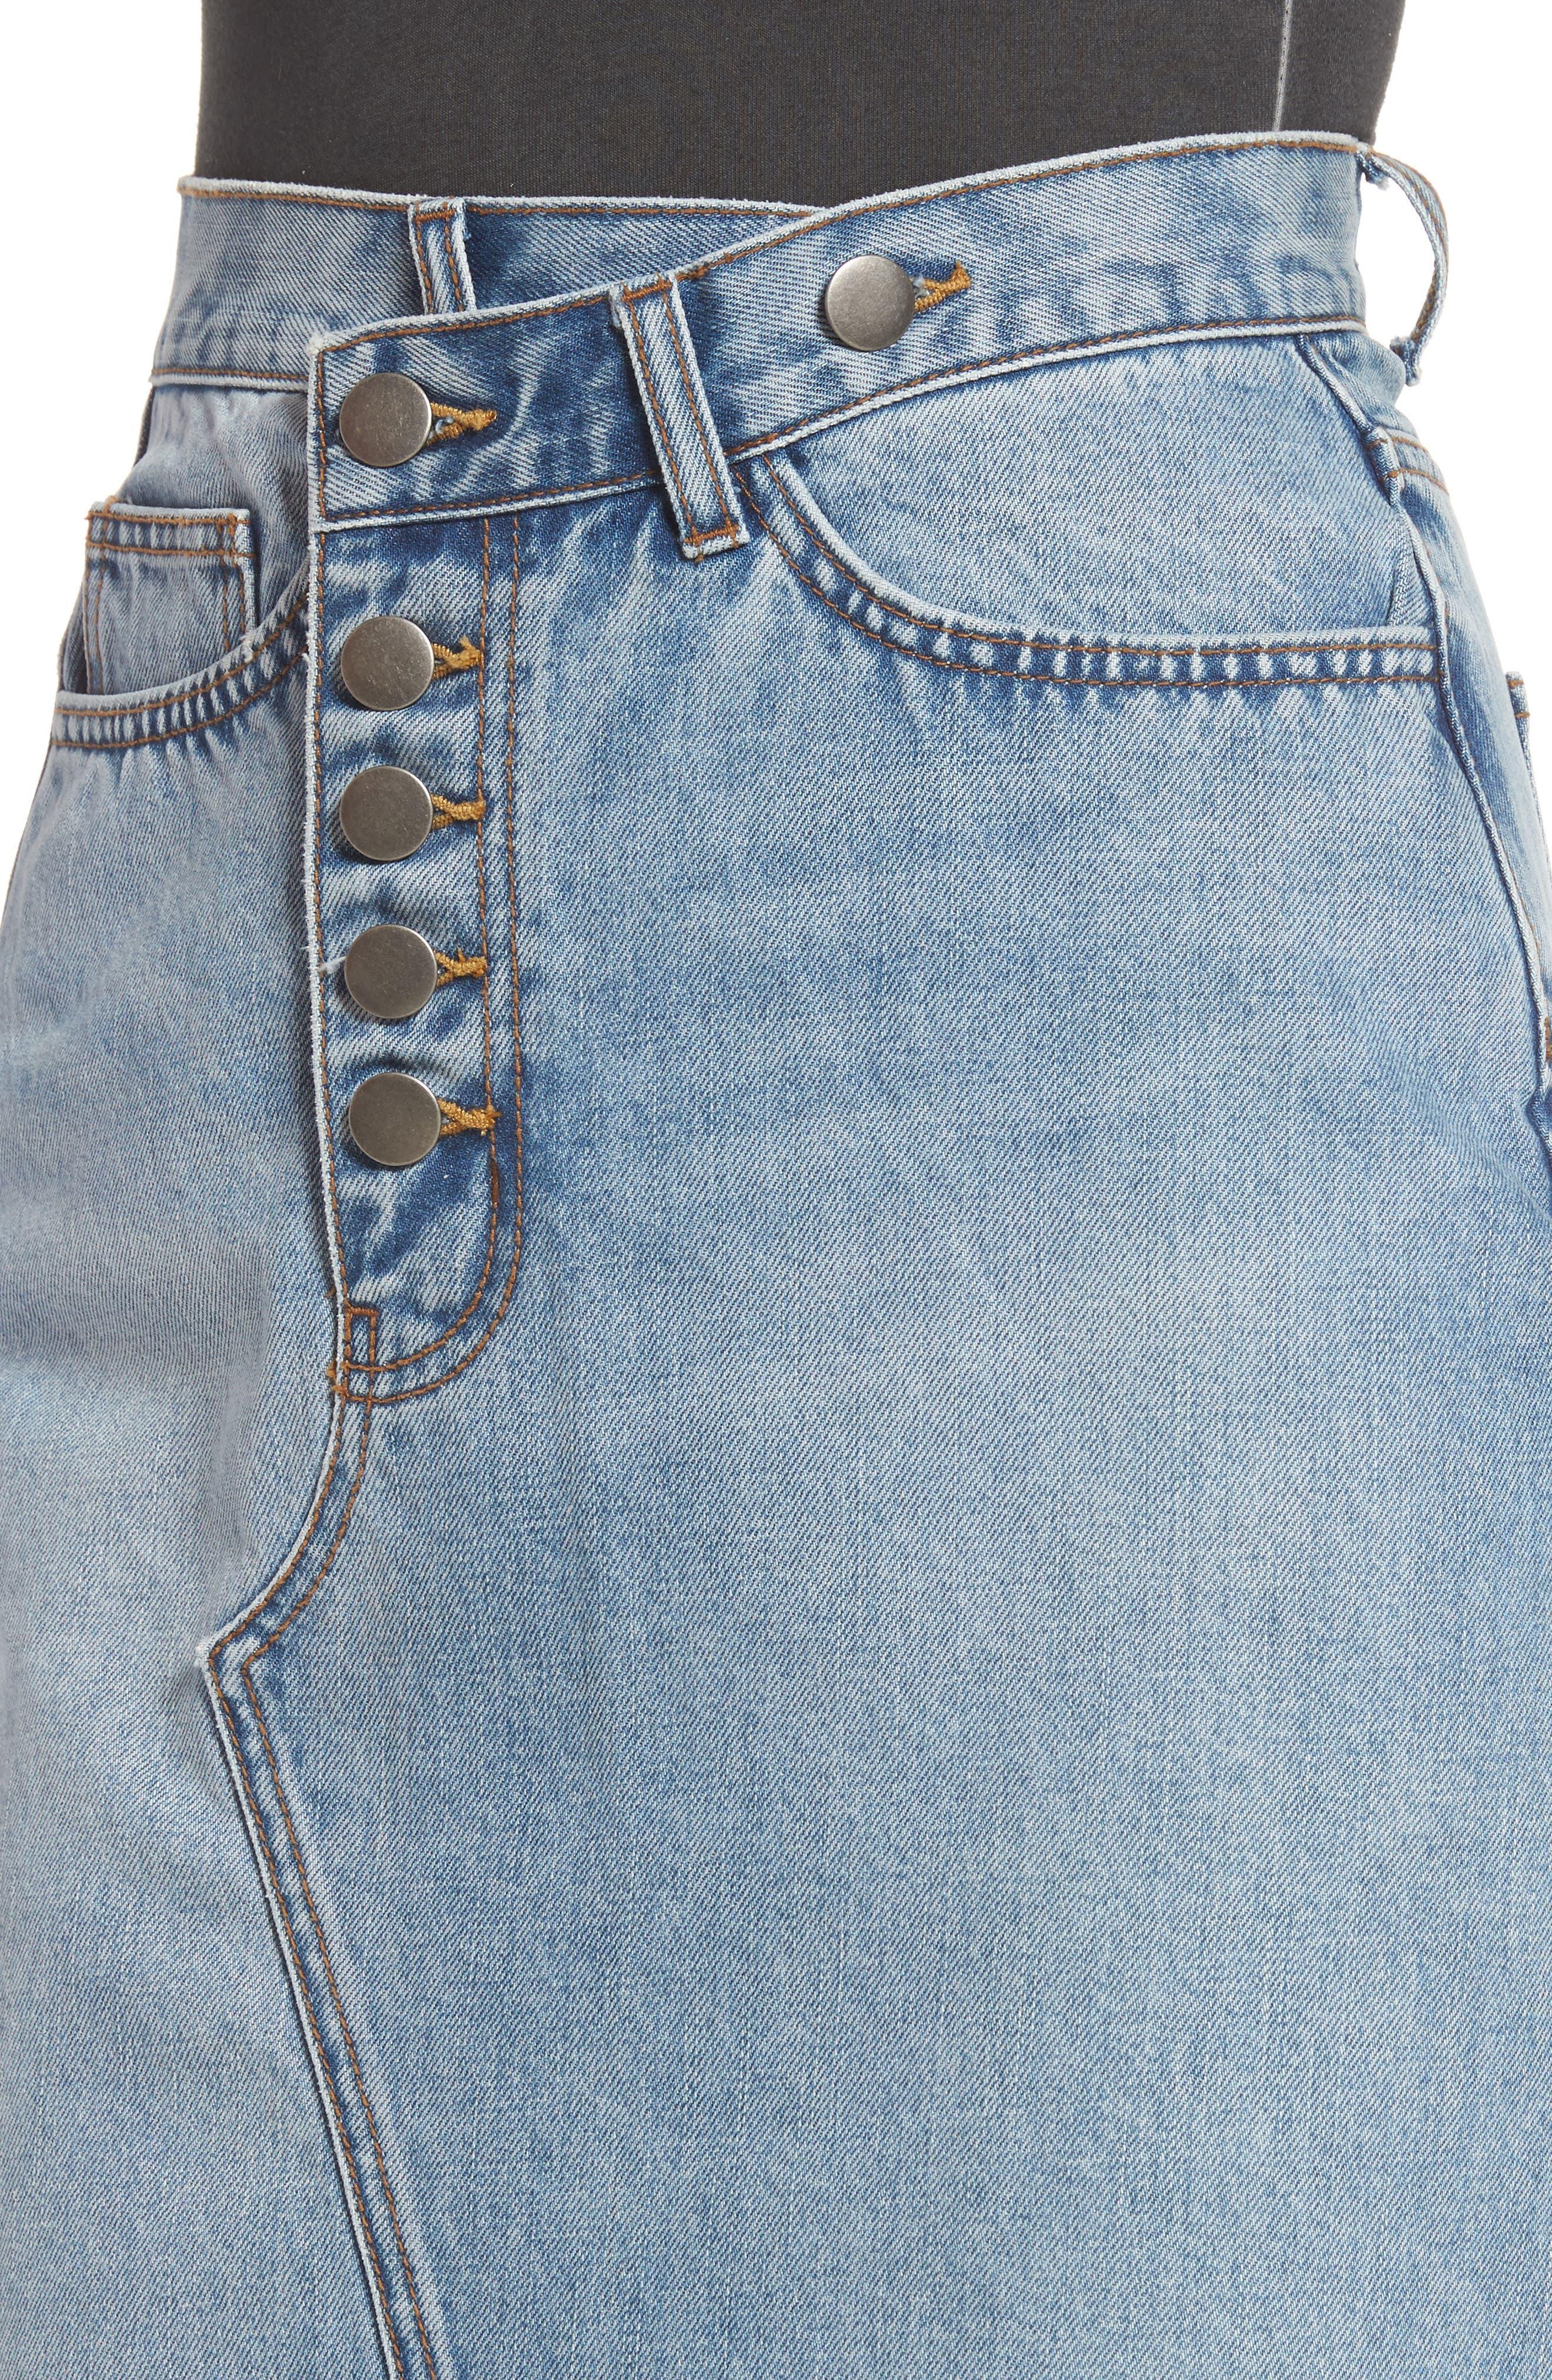 Asymmetrical Denim Pencil Skirt,                             Alternate thumbnail 5, color,                             Light Blue